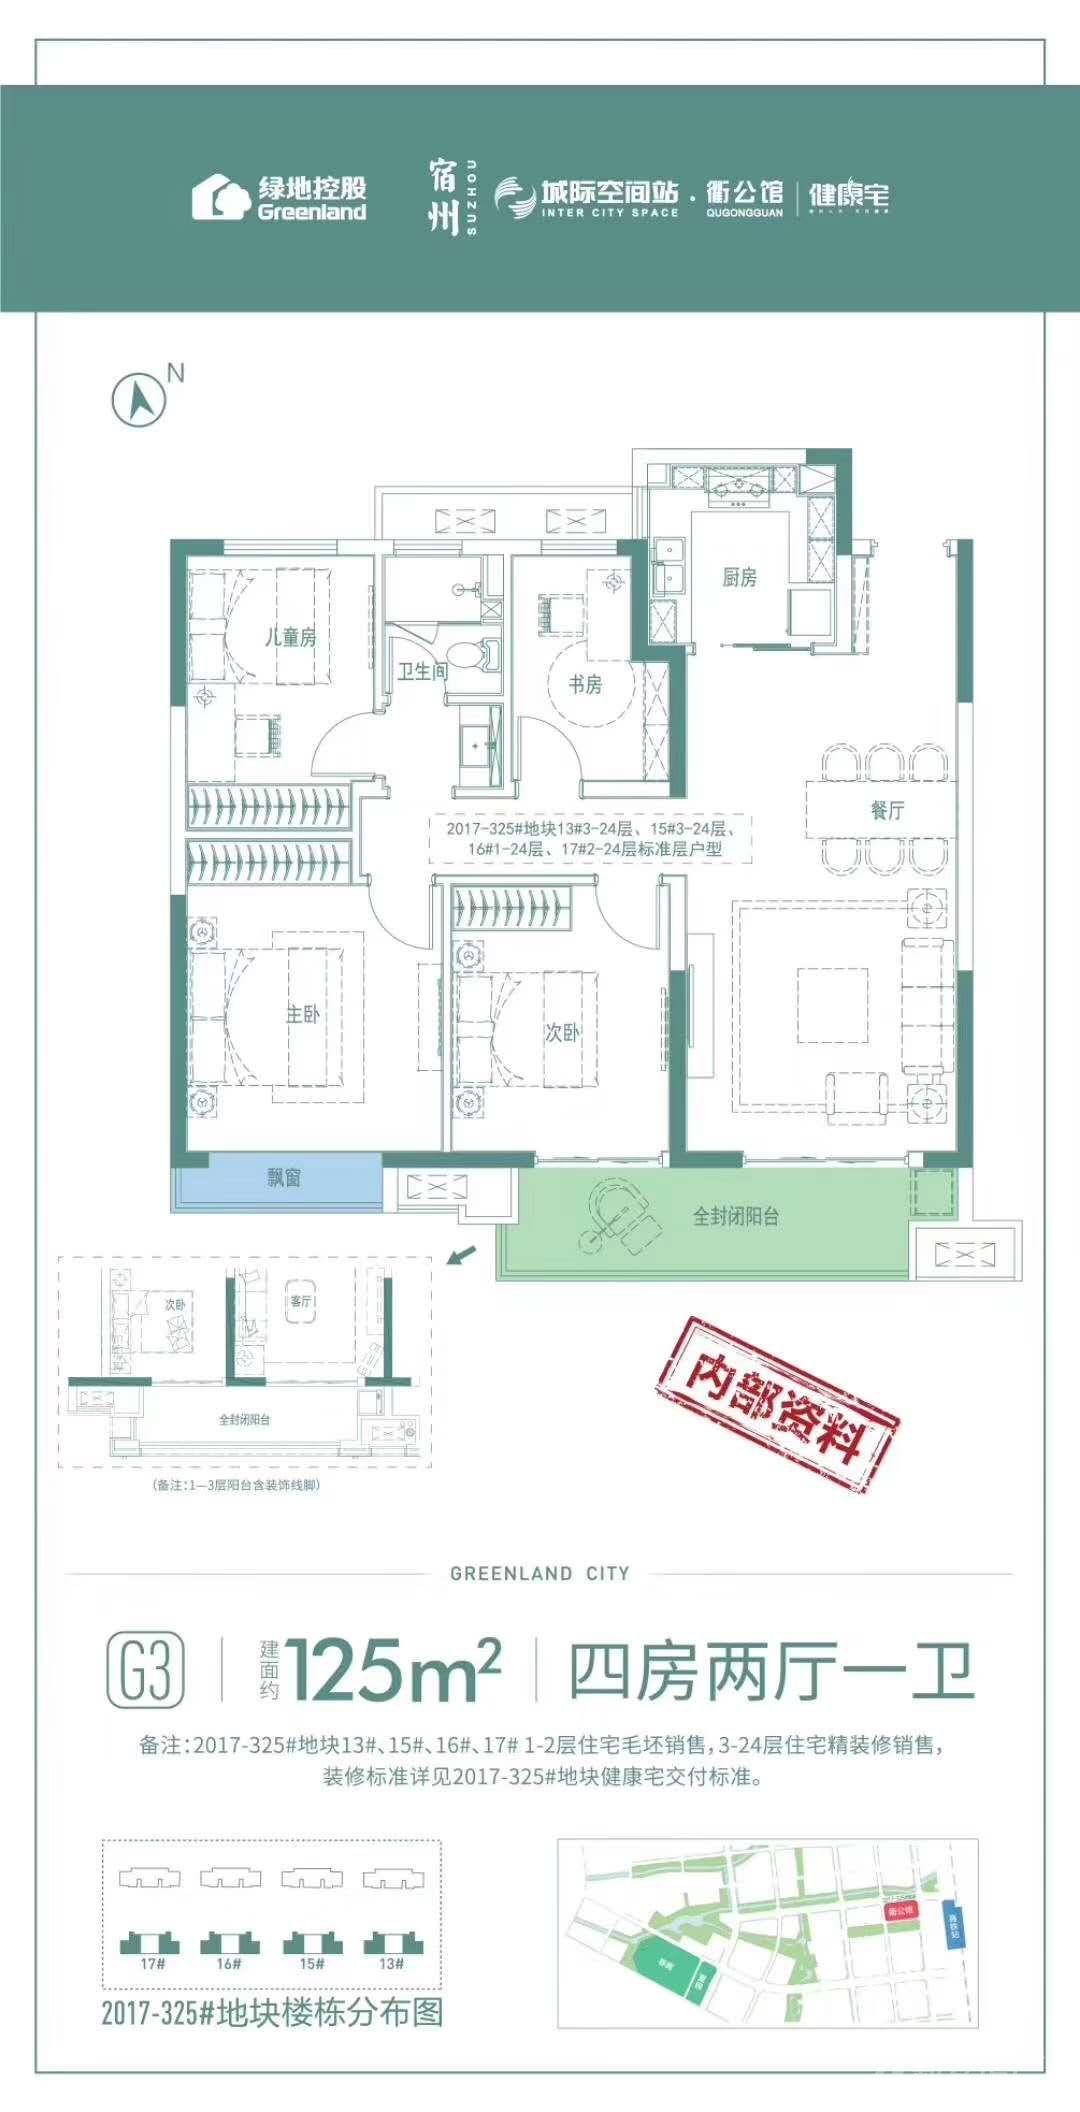 绿地·宿州城际空间站衢公馆G3户型4室2厅125平米